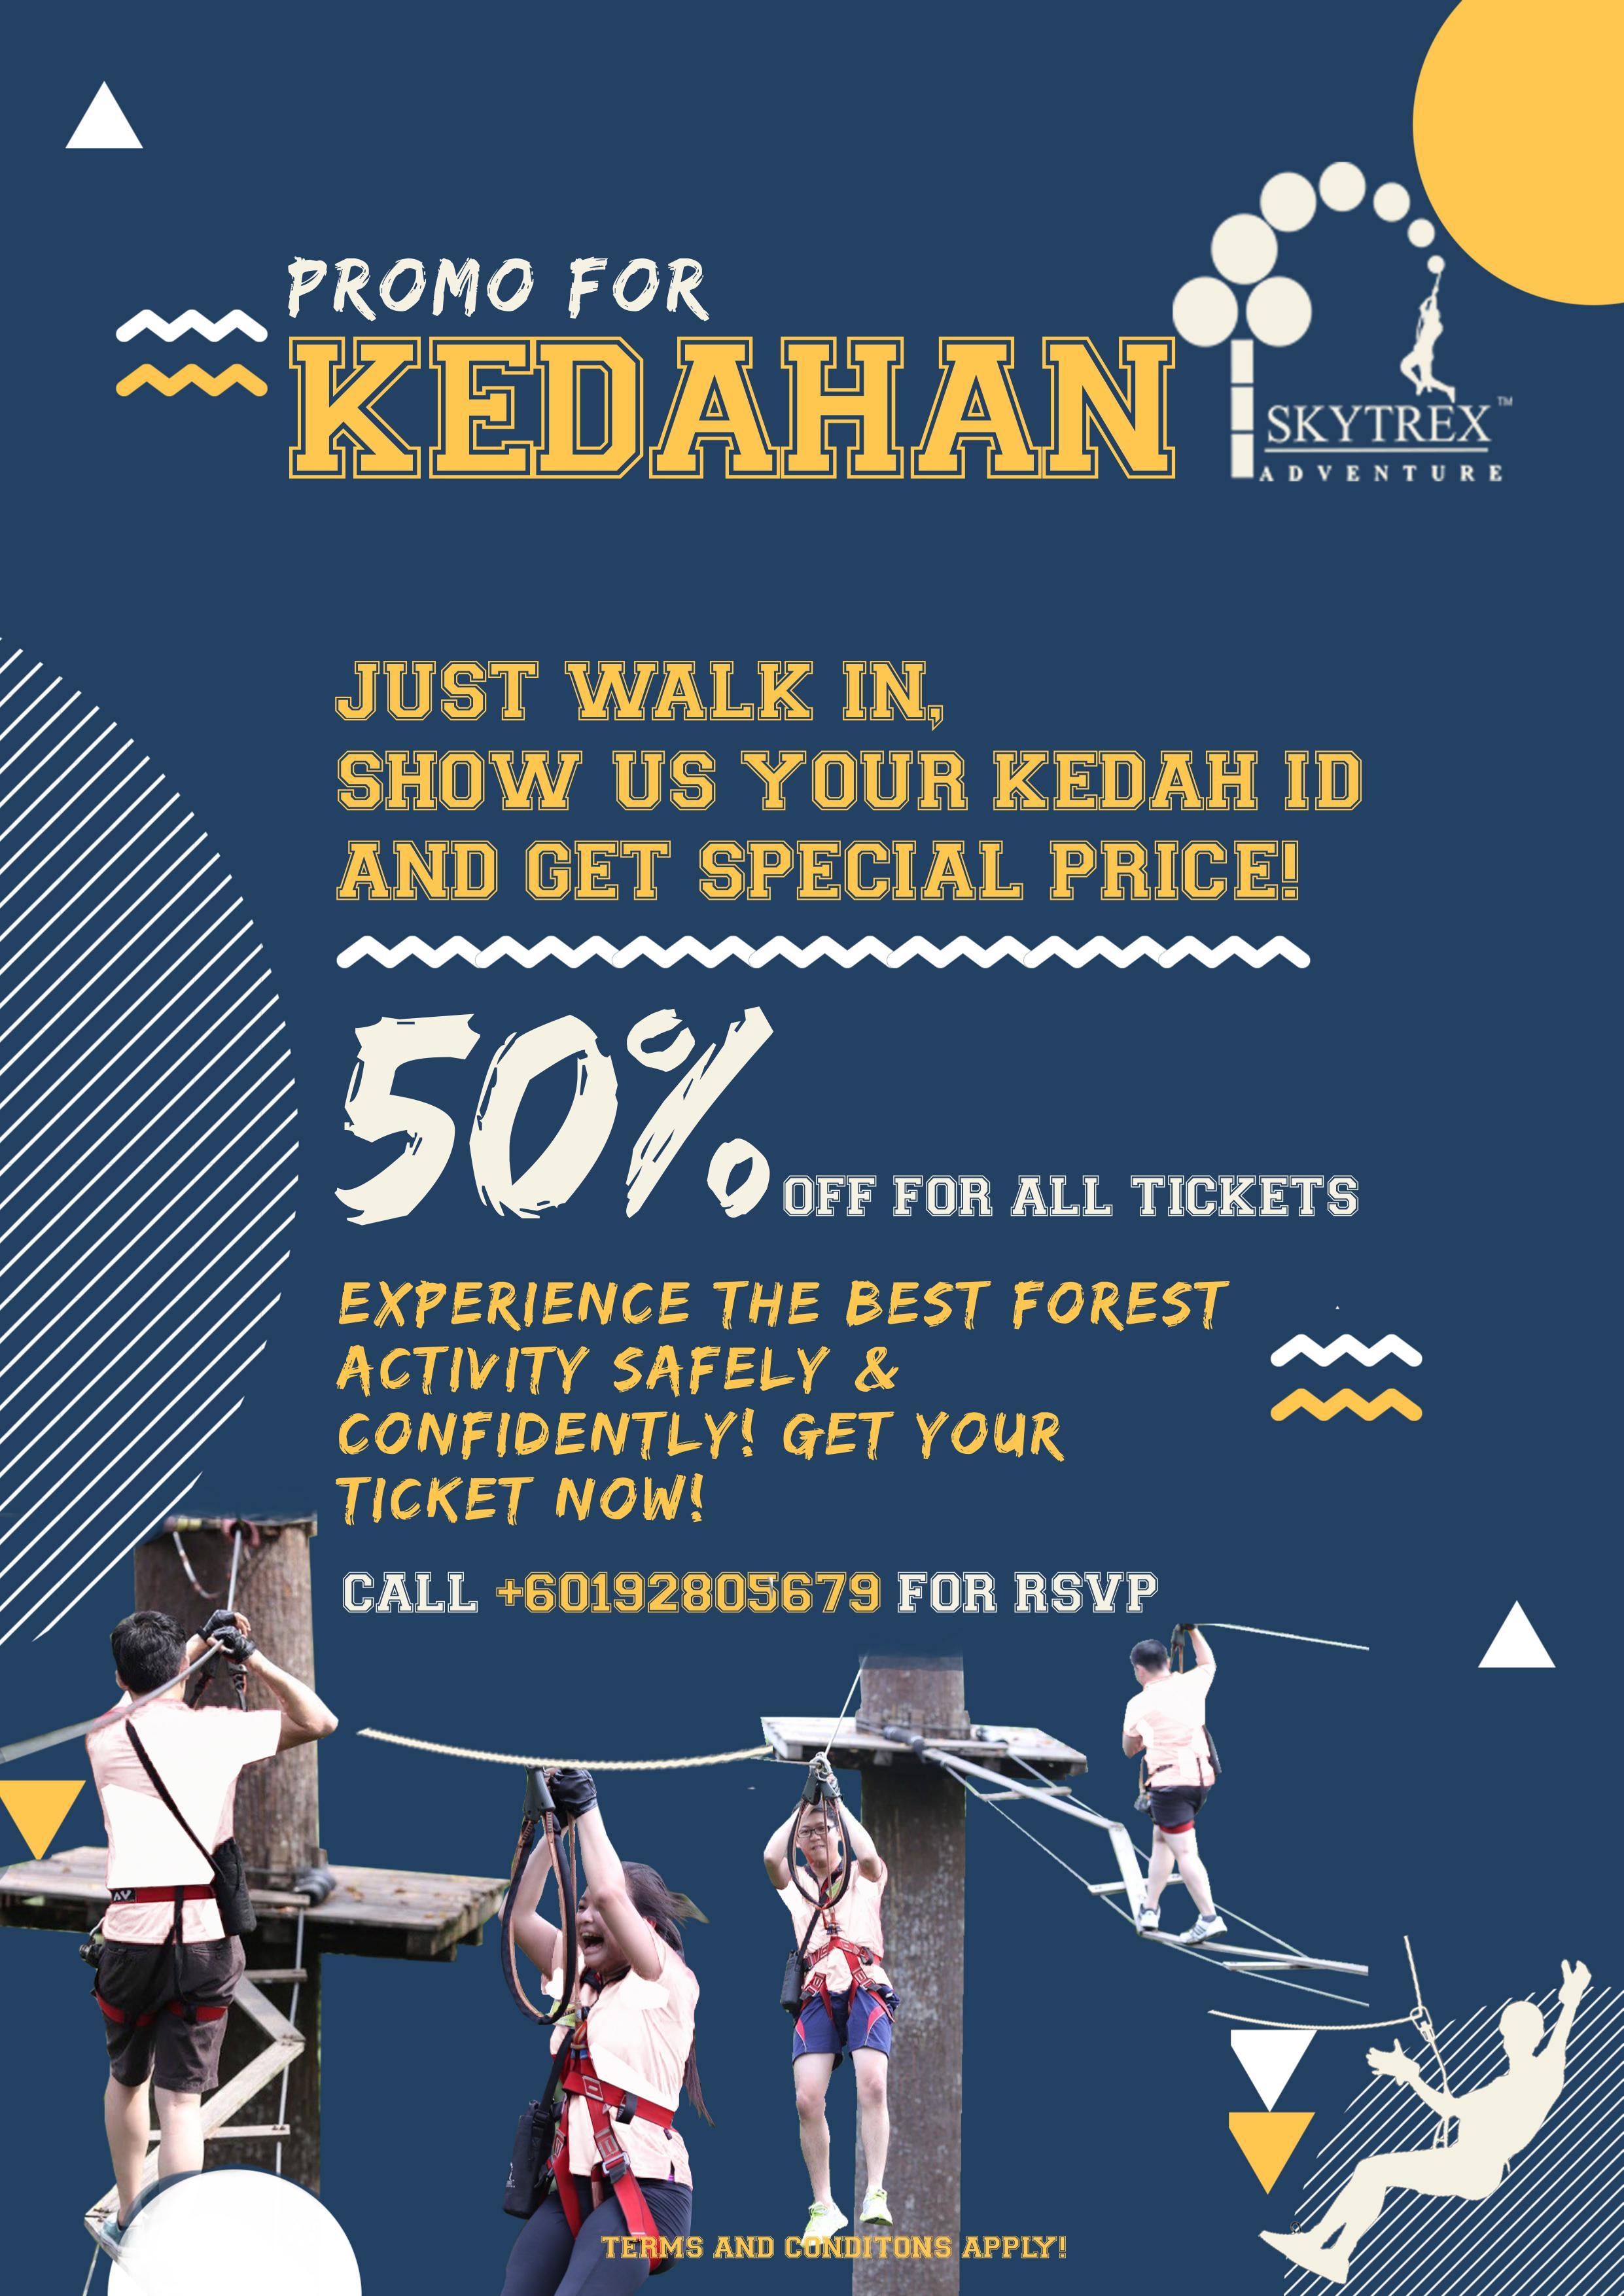 Kedahan Specials for Skytrex Langkawi